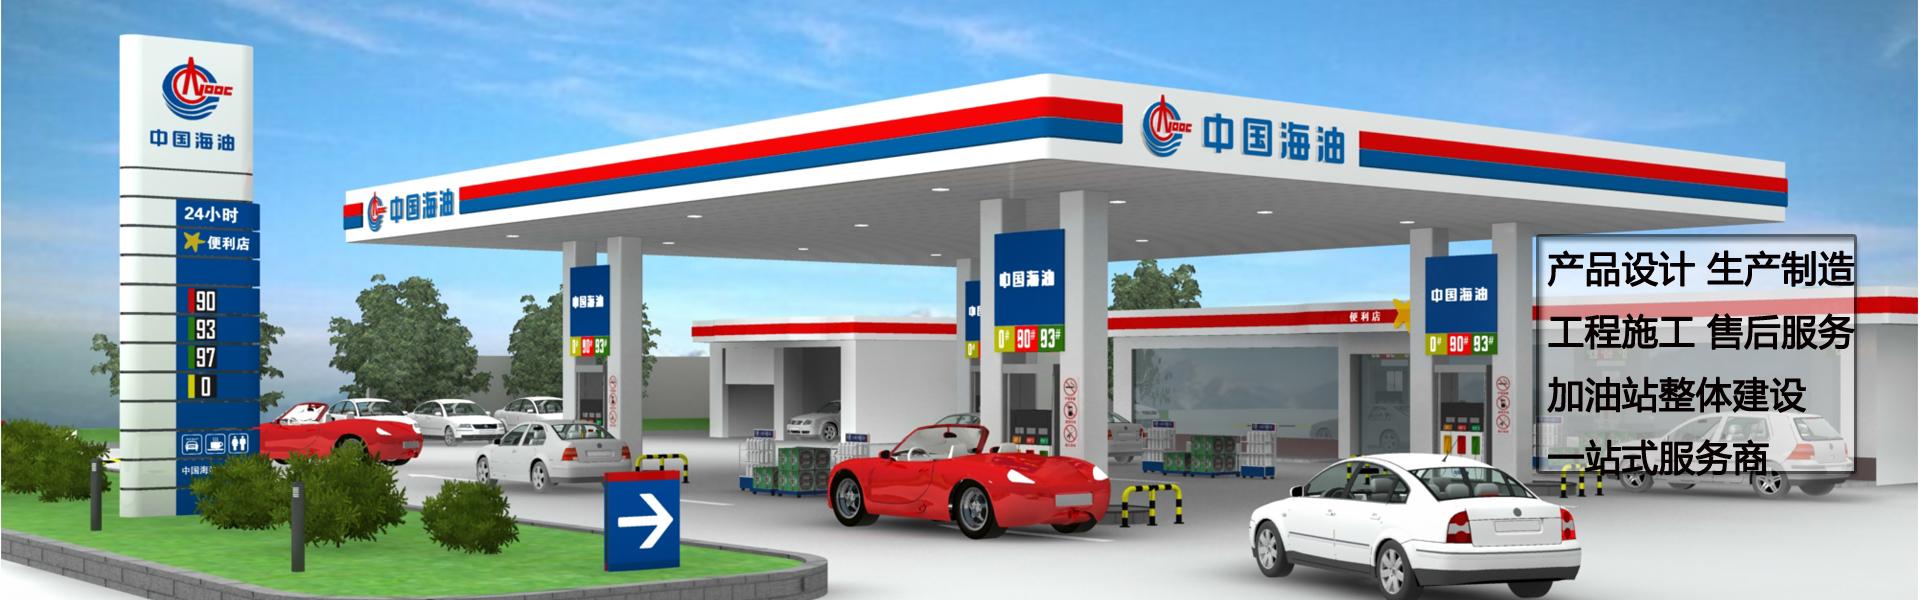 加油站装修